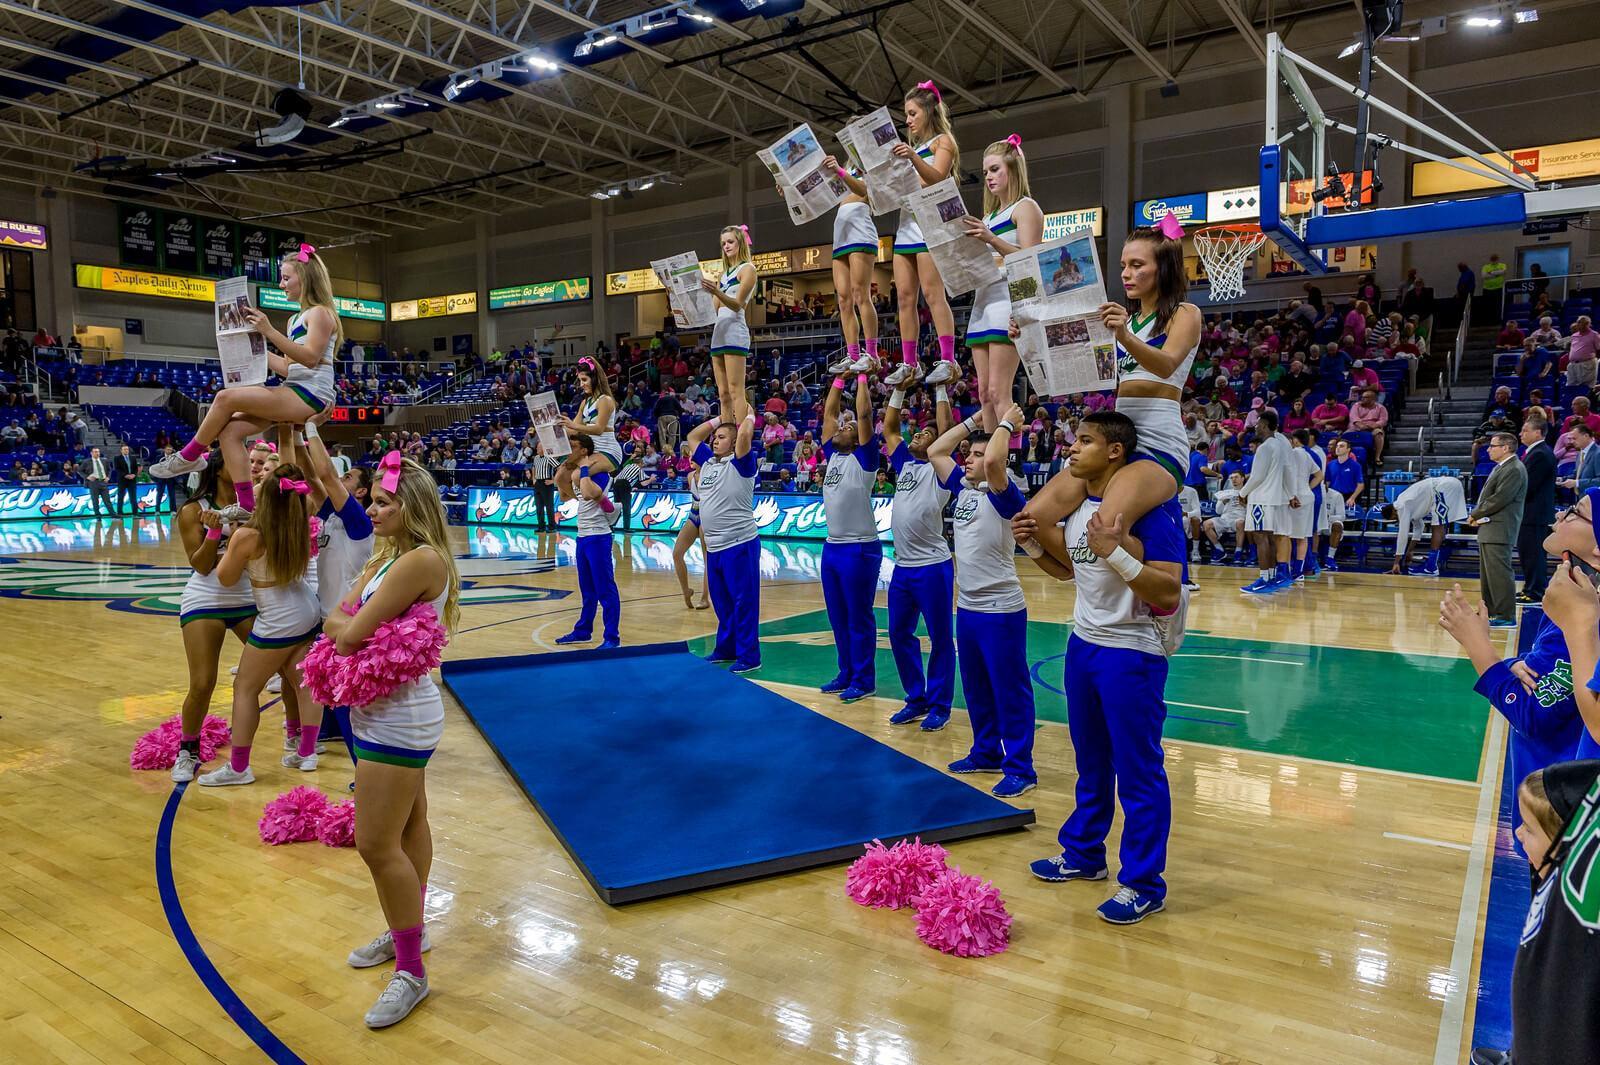 Male cheerleaders at FGCU grow in numbers